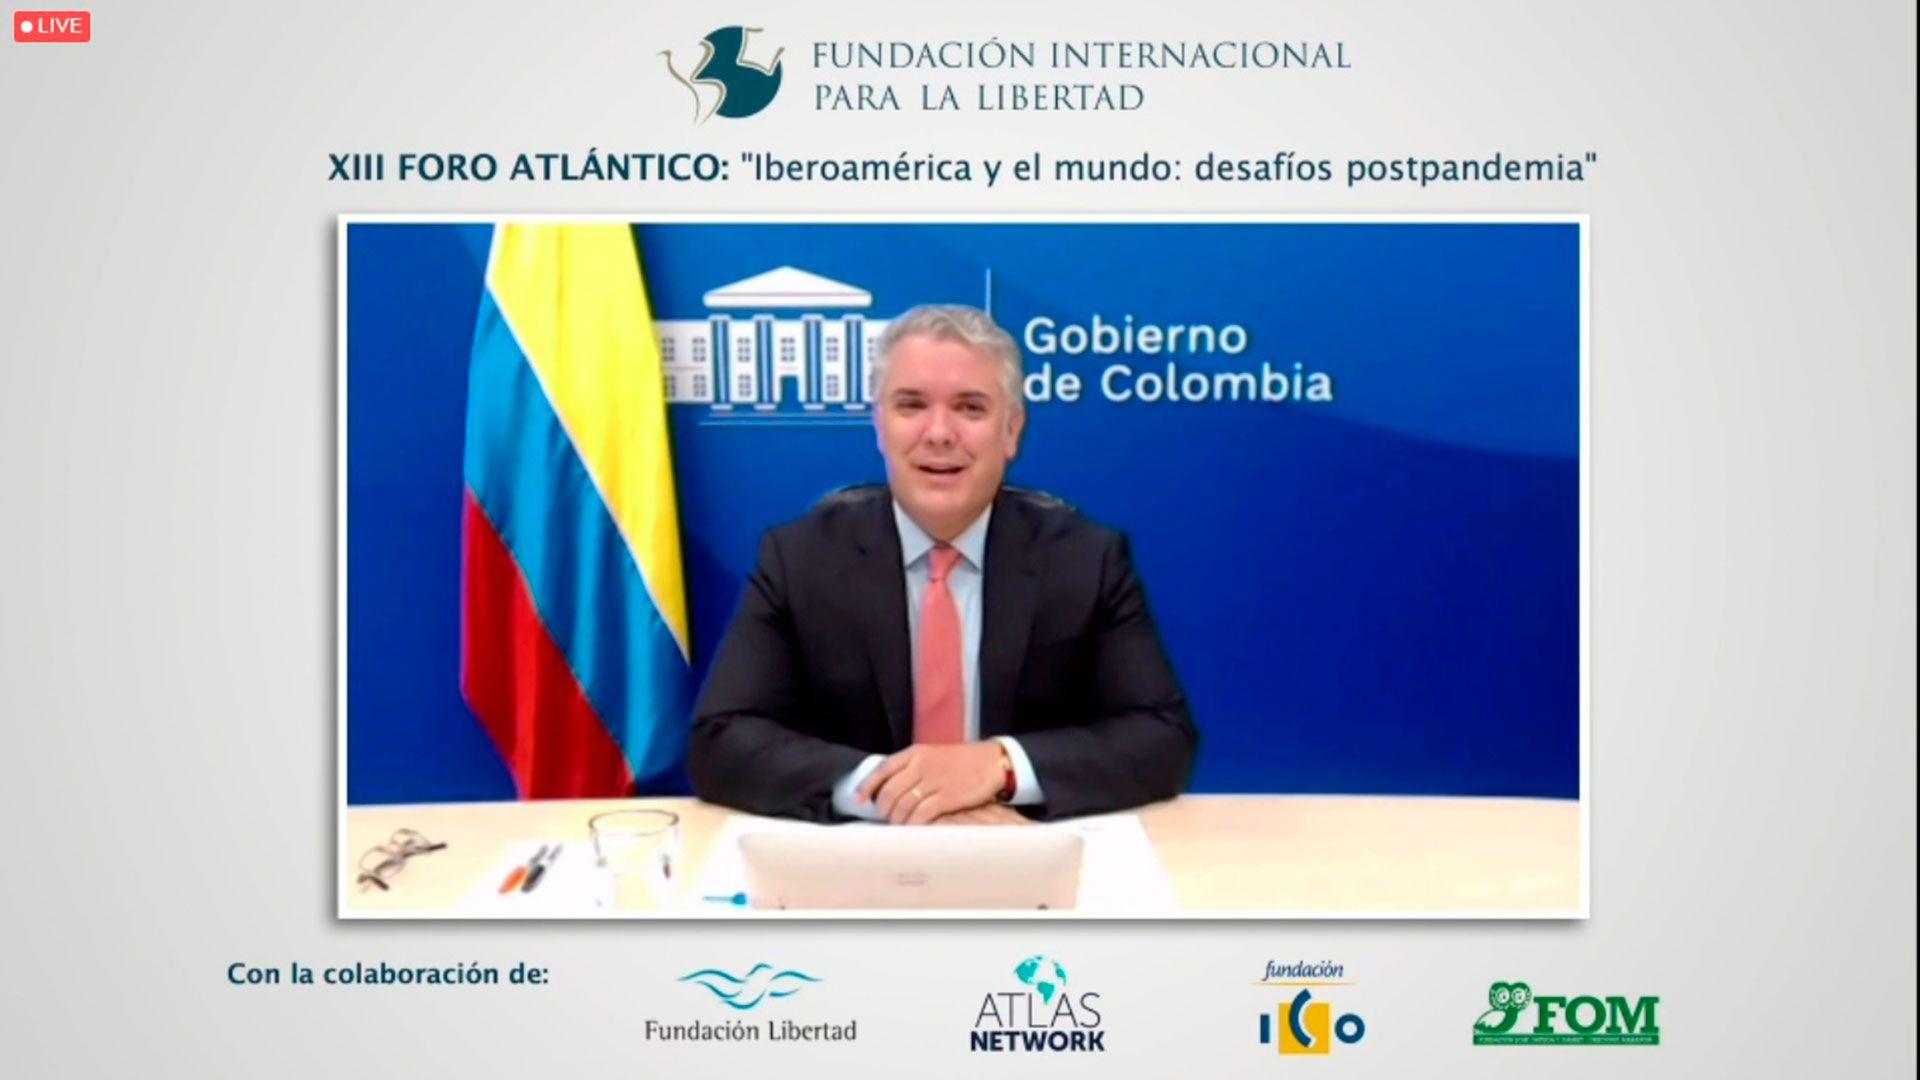 El presidente chileno Santiago Piñera habla en el Foro de la Fundación Internacional para la Libertad